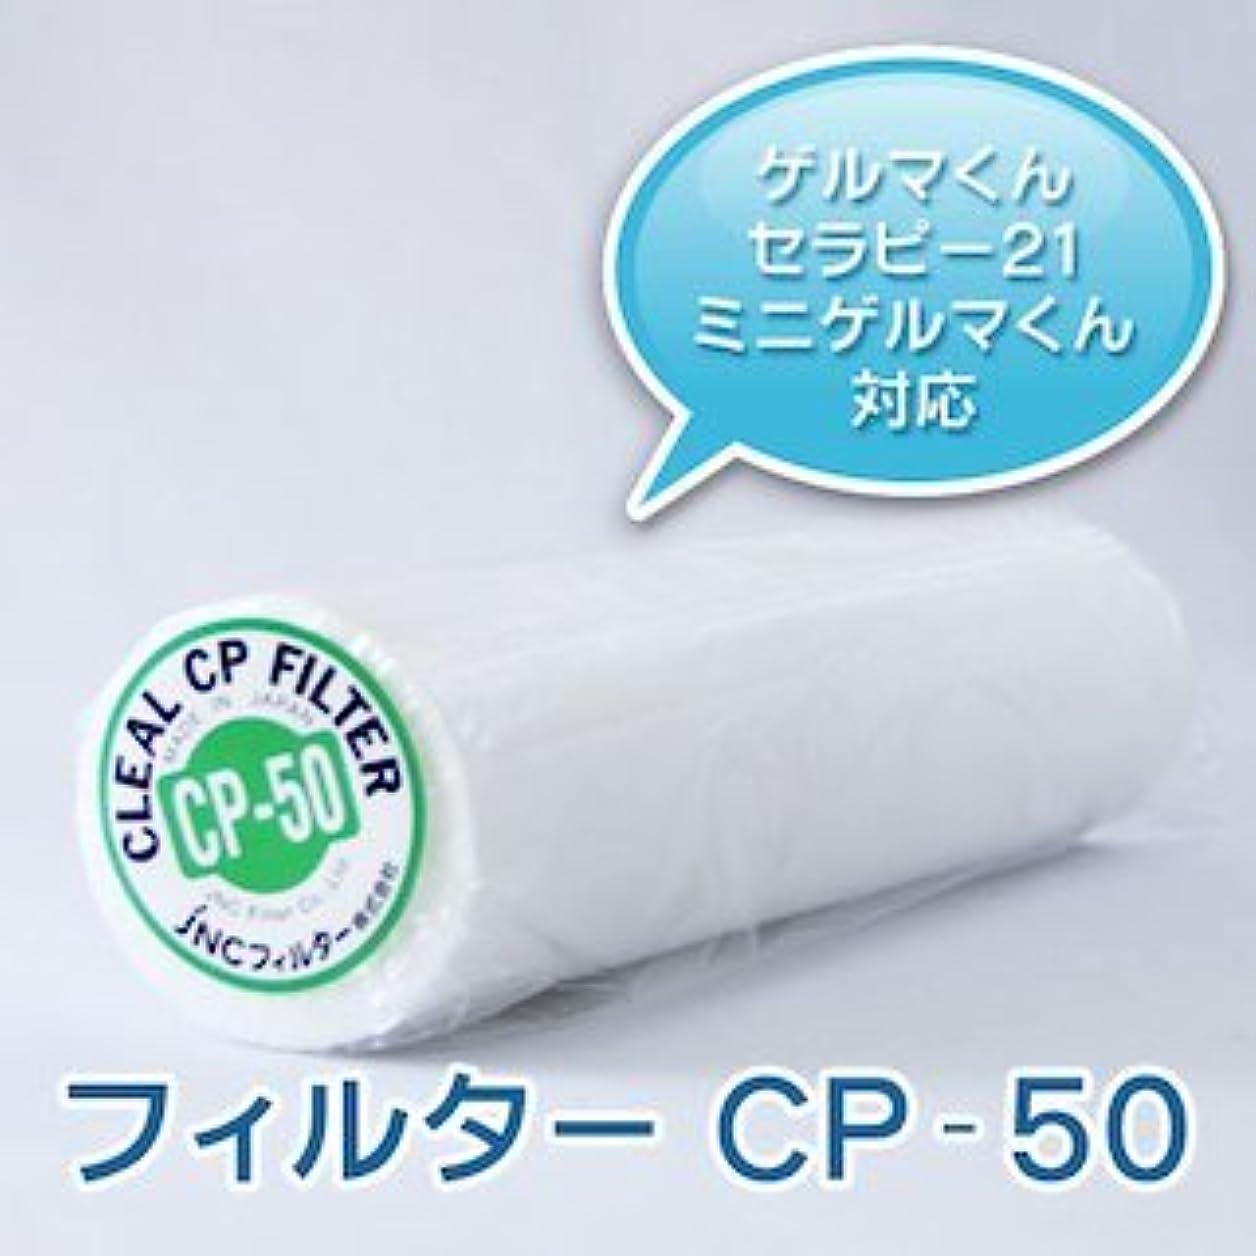 エゴマニア時代絶えず【ゲルマ フィルター CP-50】 1本  ゲルマニウム 温浴器 ゲルマくん/セラピー21 対応